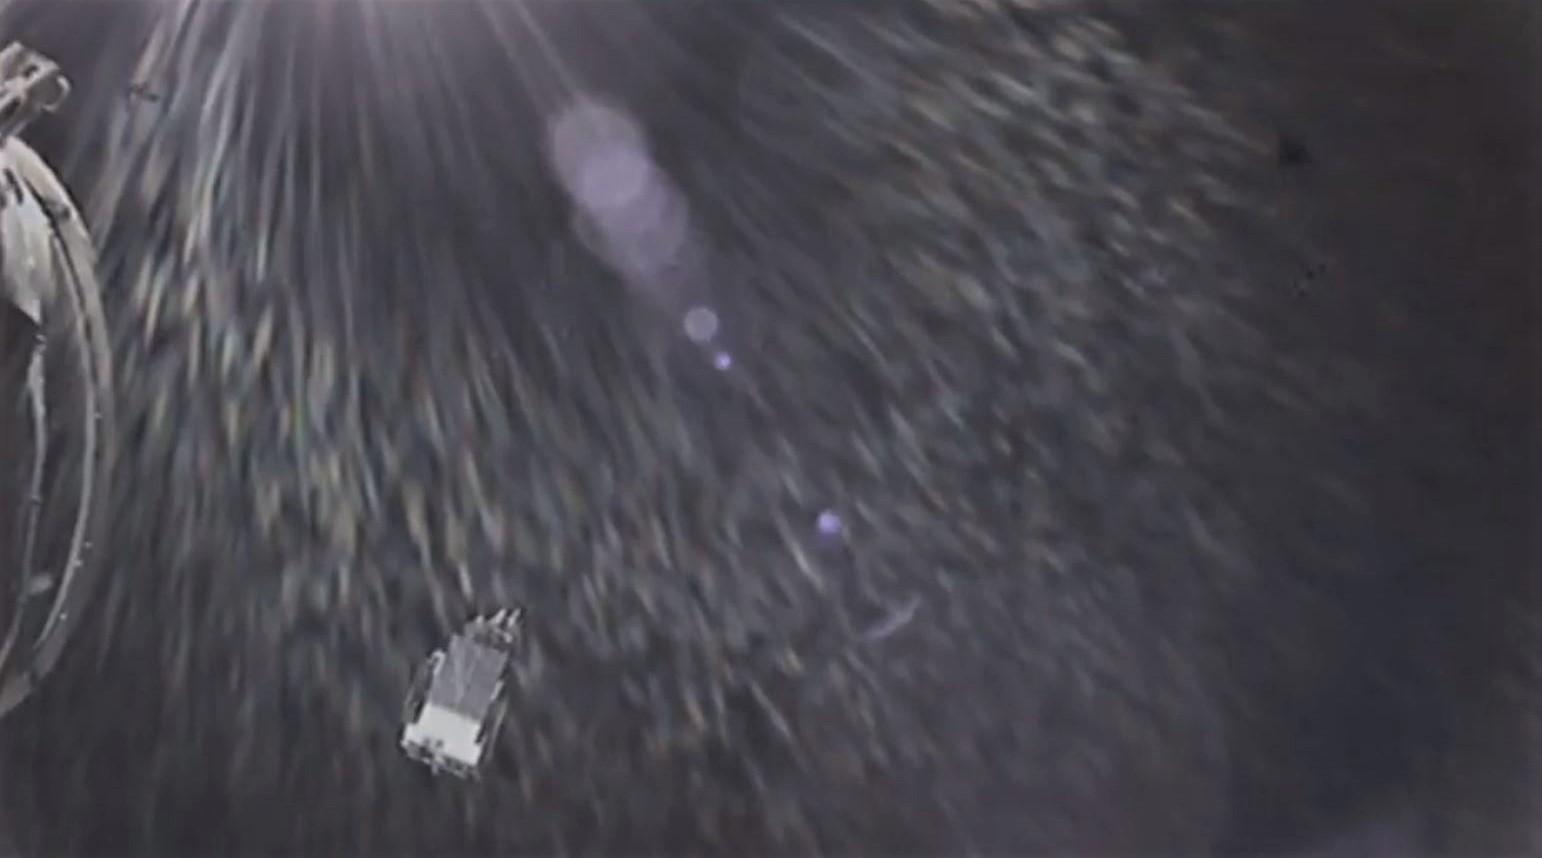 Telstar 18V deployment (SpaceX) 2